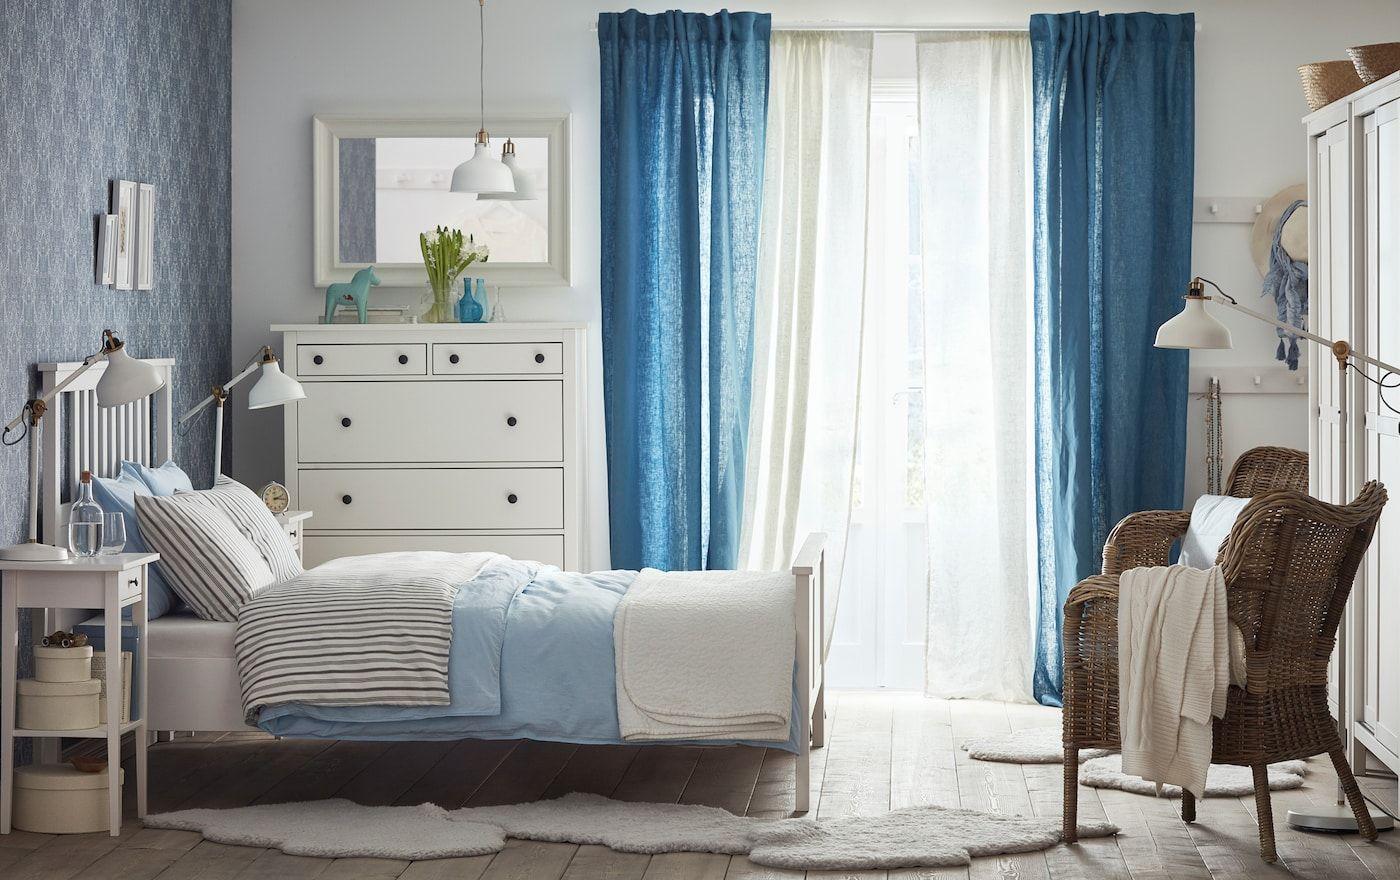 Romantisches schlafzimmer interieur komfortables schlafzimmer  schlafzimmer  pinterest  schlafzimmer